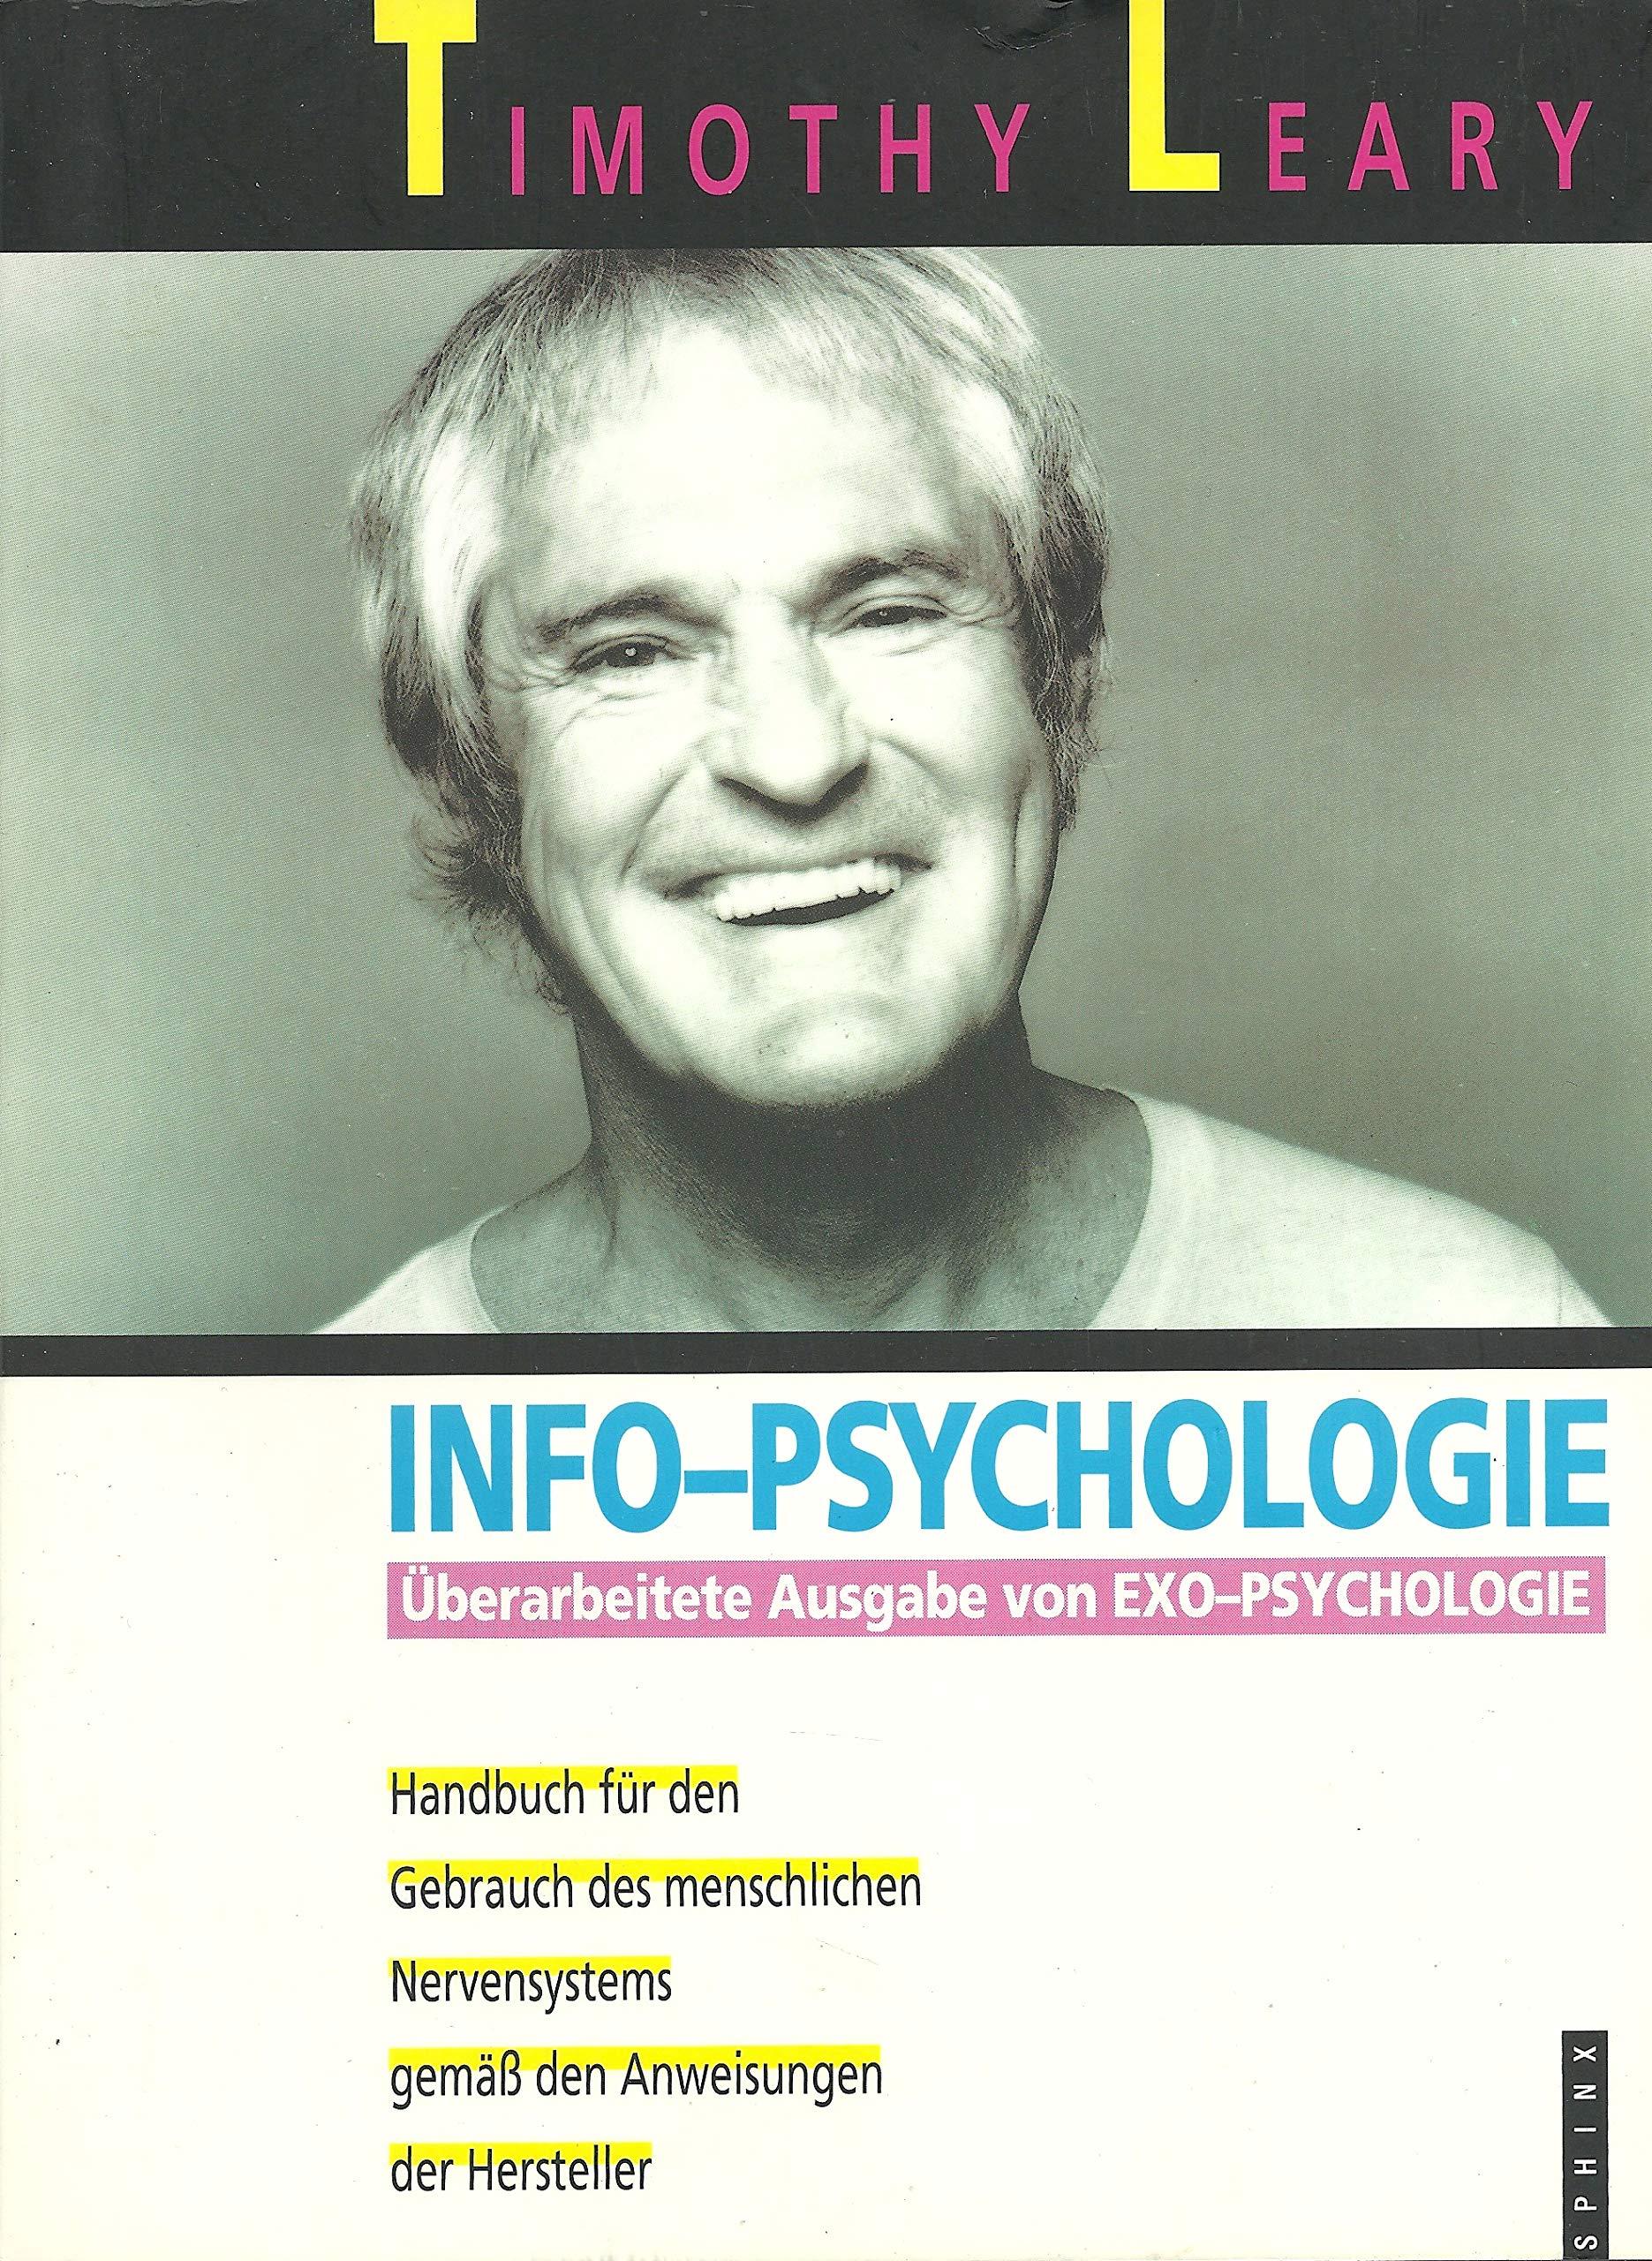 Info-Psychologie. Ein Handbuch für den Gebrauch des menschlichen Nervensystems entsprechend den Instruktionen der Hersteller